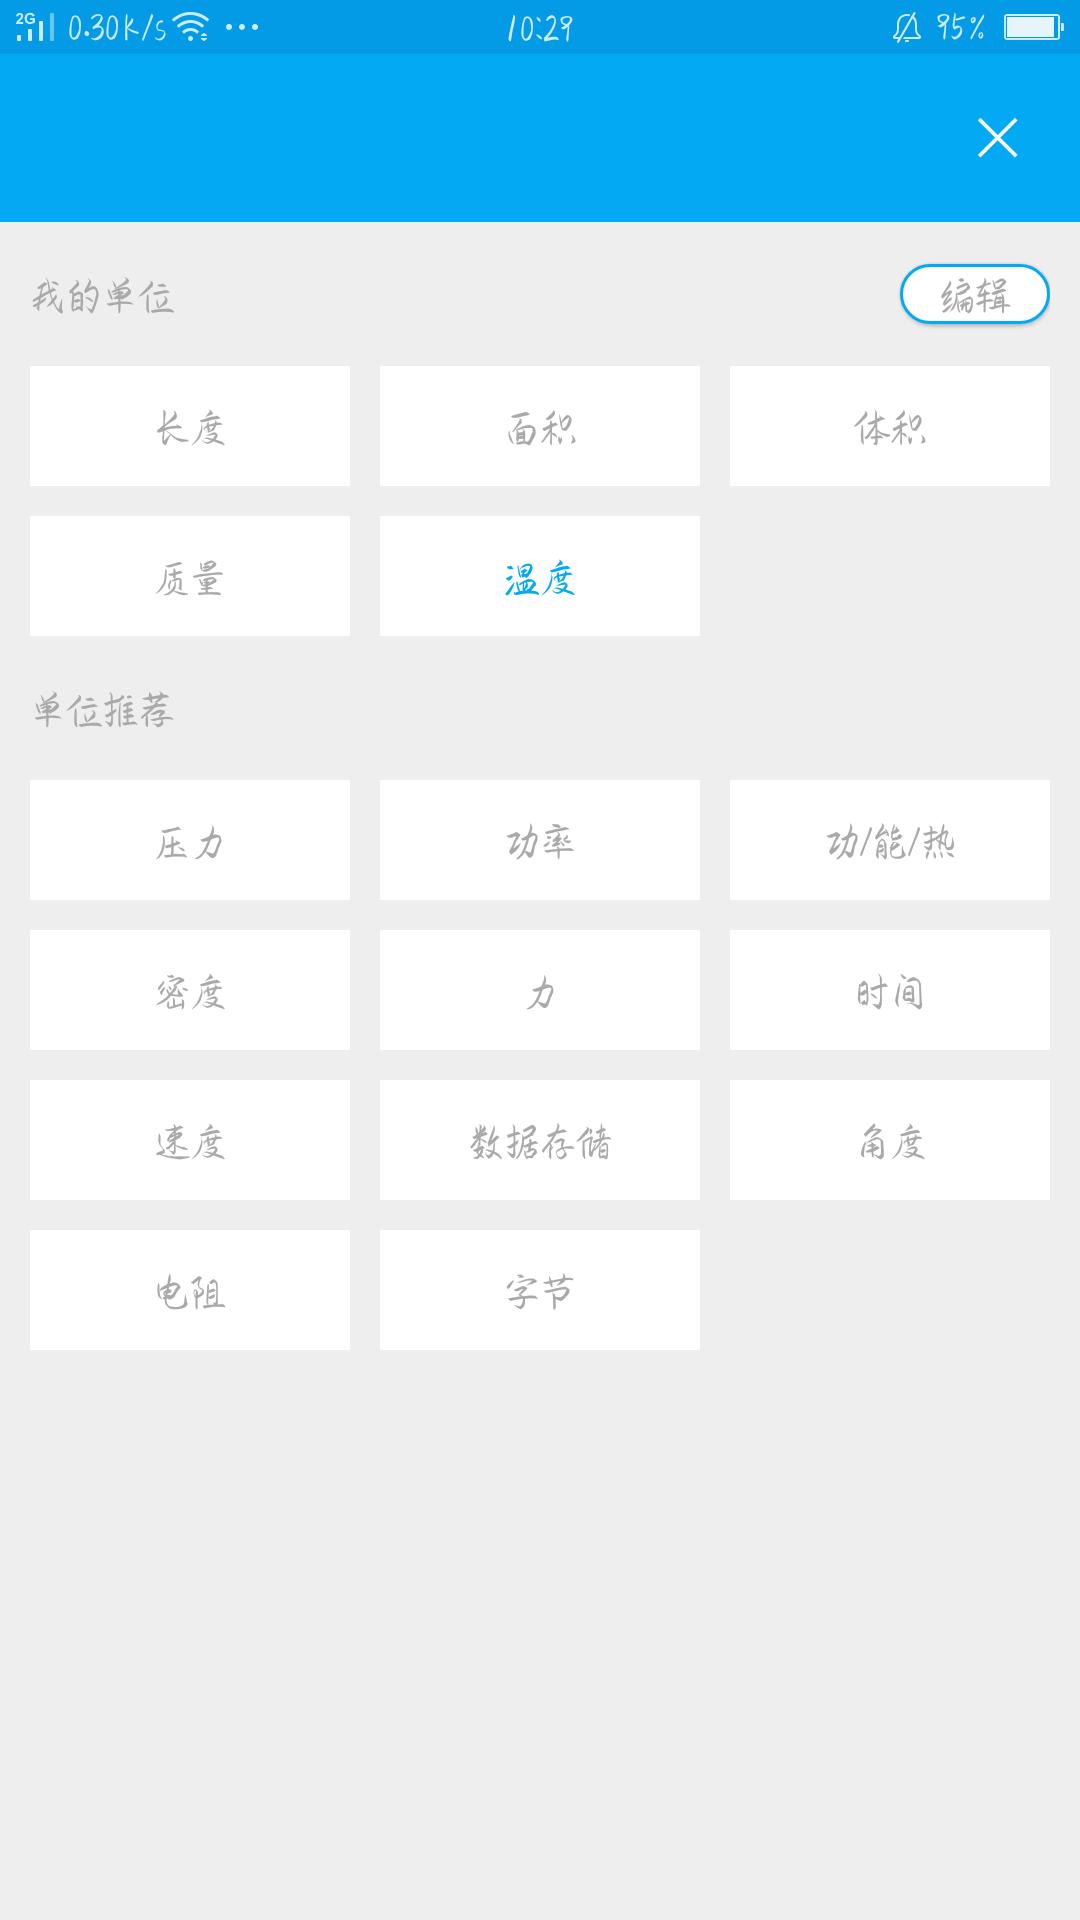 换算单位官方客户端 v1.1.3截图